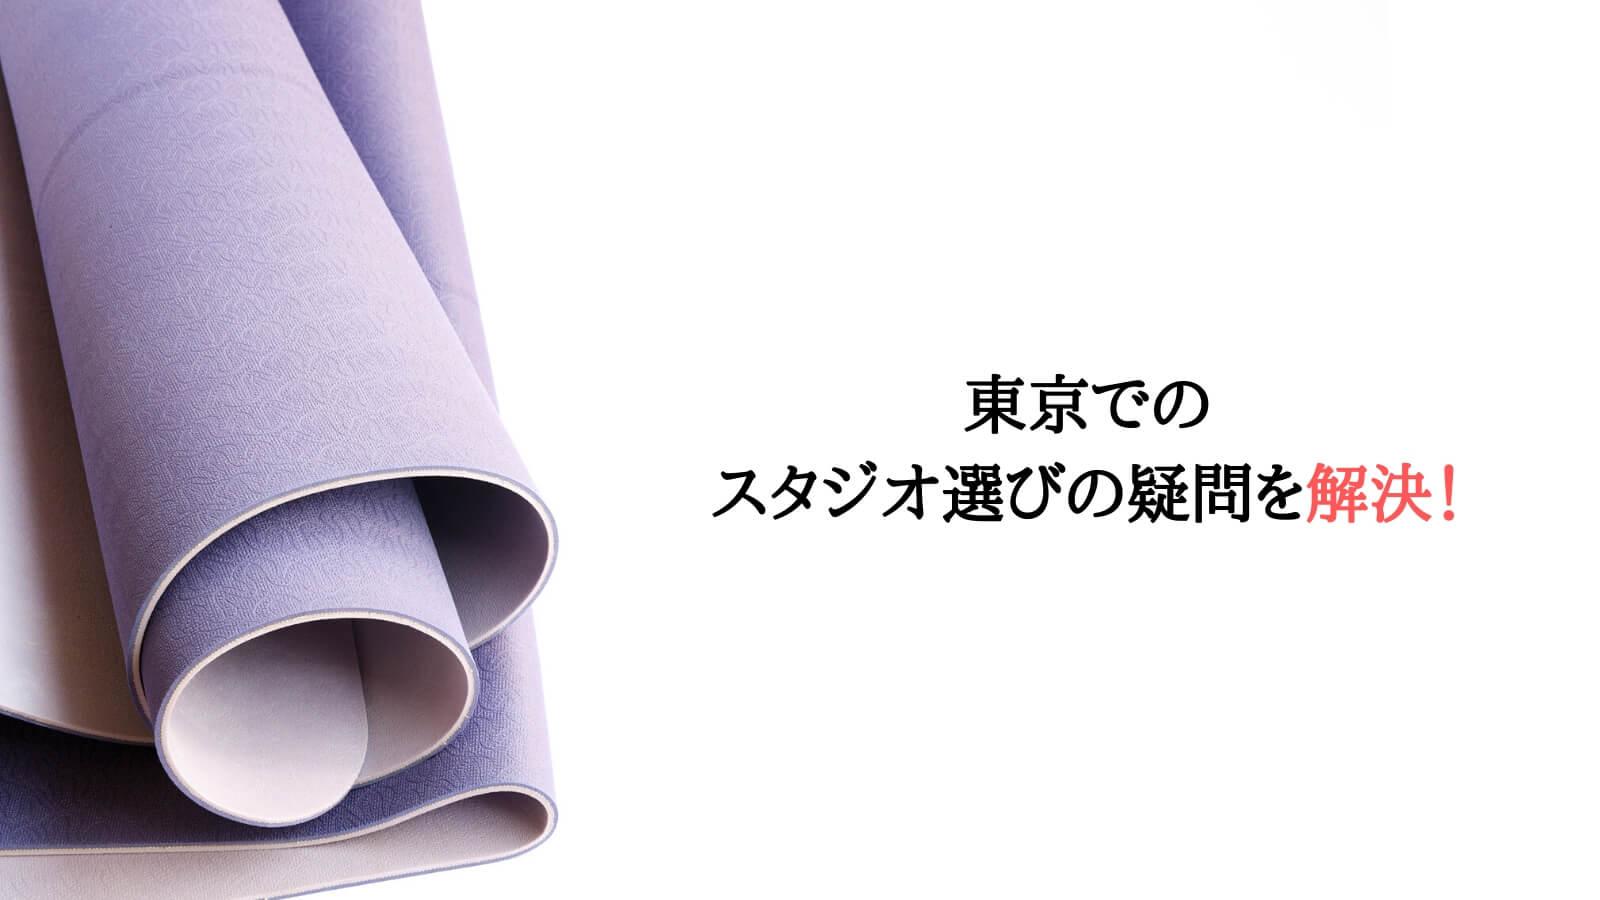 東京でおすすめのヨガスタジオに関するQ&A